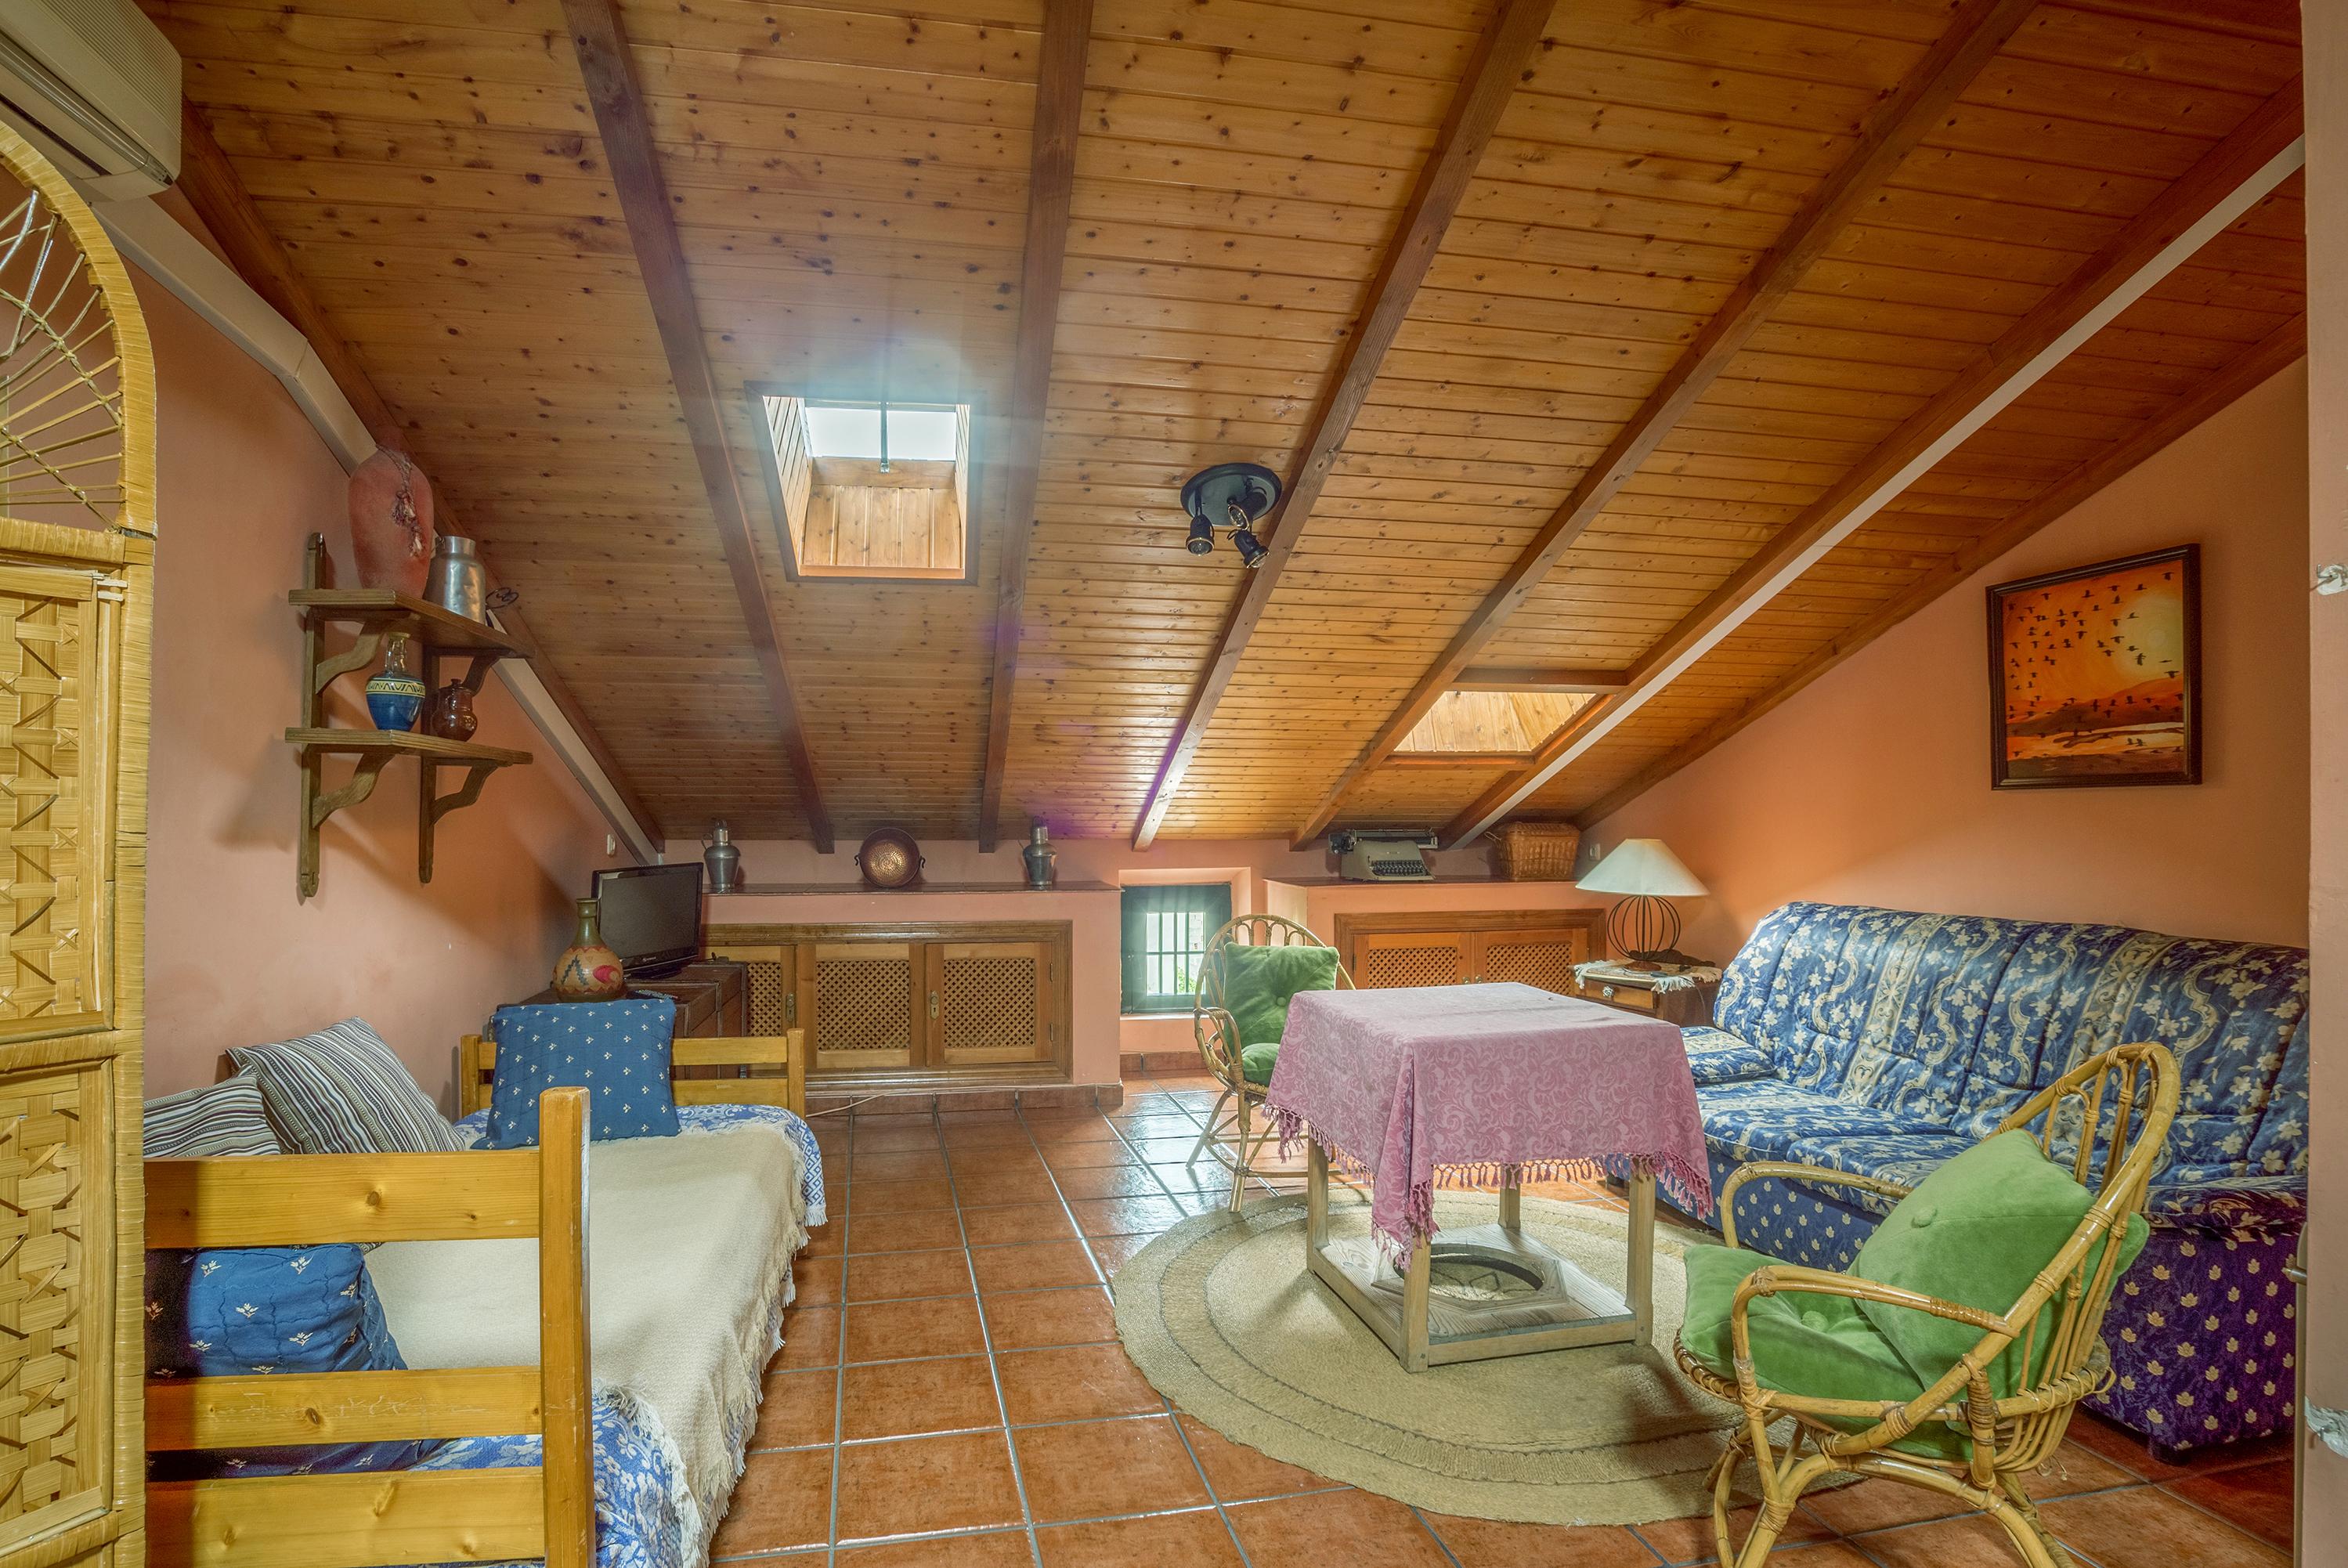 Casa rural en jaraiz de la vera latest paradise in extremadura review of casa rural la covacha - Casa rural el tomillar ...